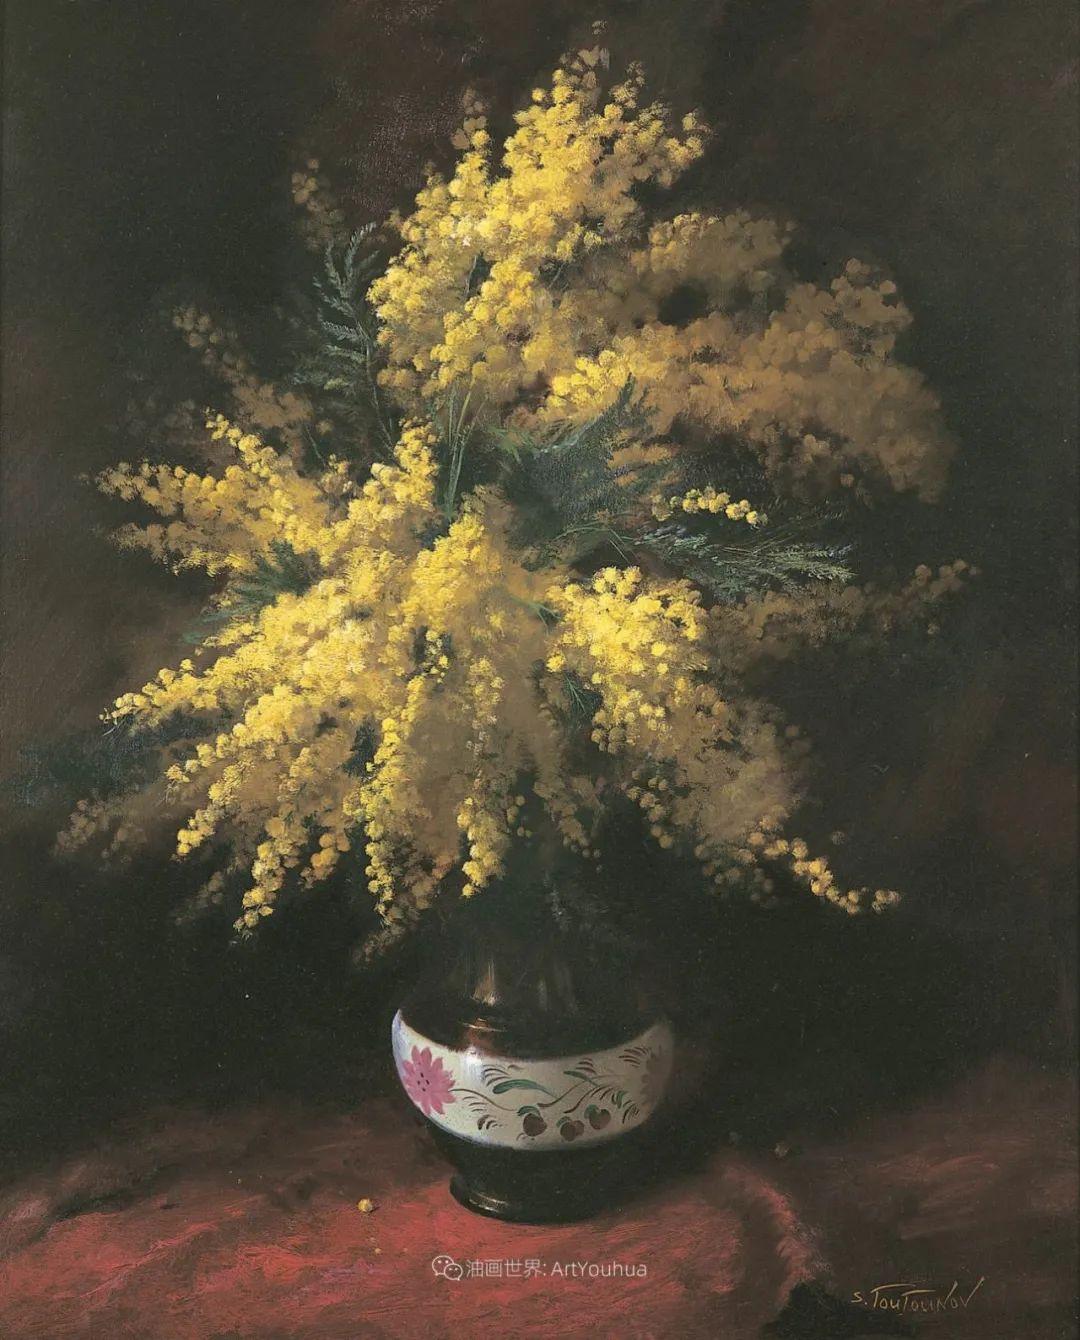 花香袭人,绚丽多彩!俄罗斯画家谢尔盖·图图诺夫插图53